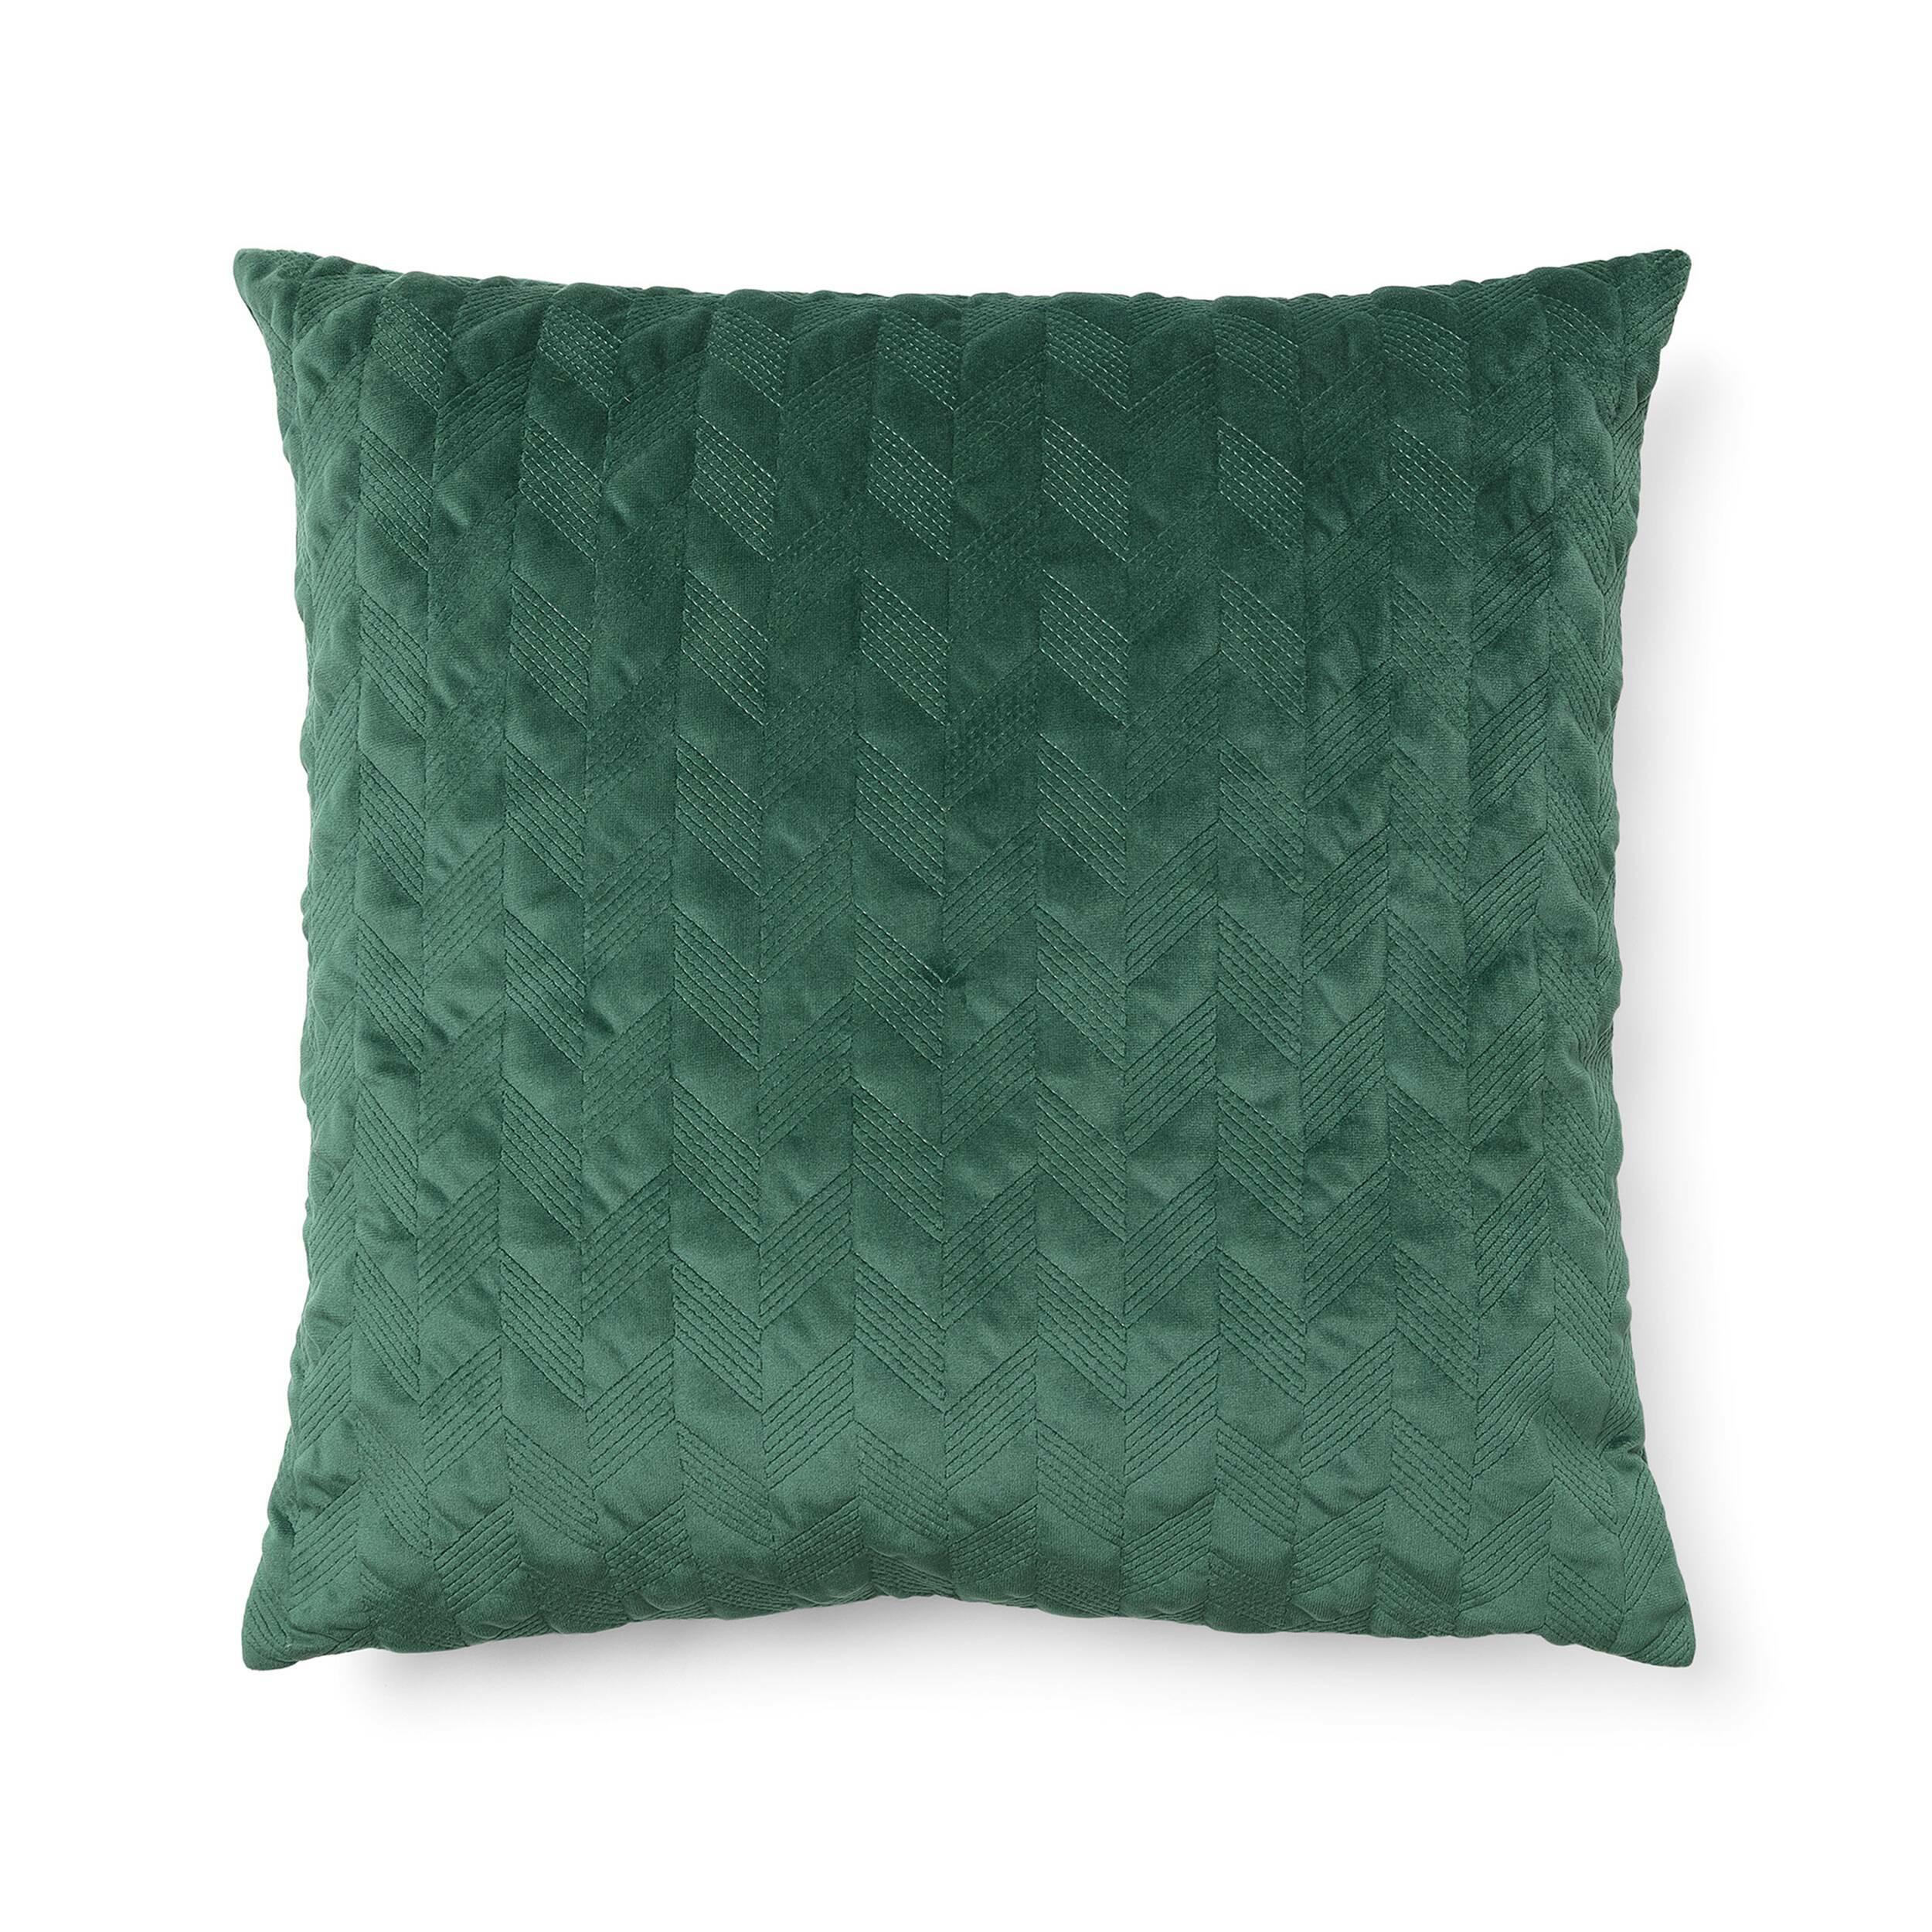 Купить Подушка CALA 45x45 зеленый, Cosmo, Зеленый, Полиэстер